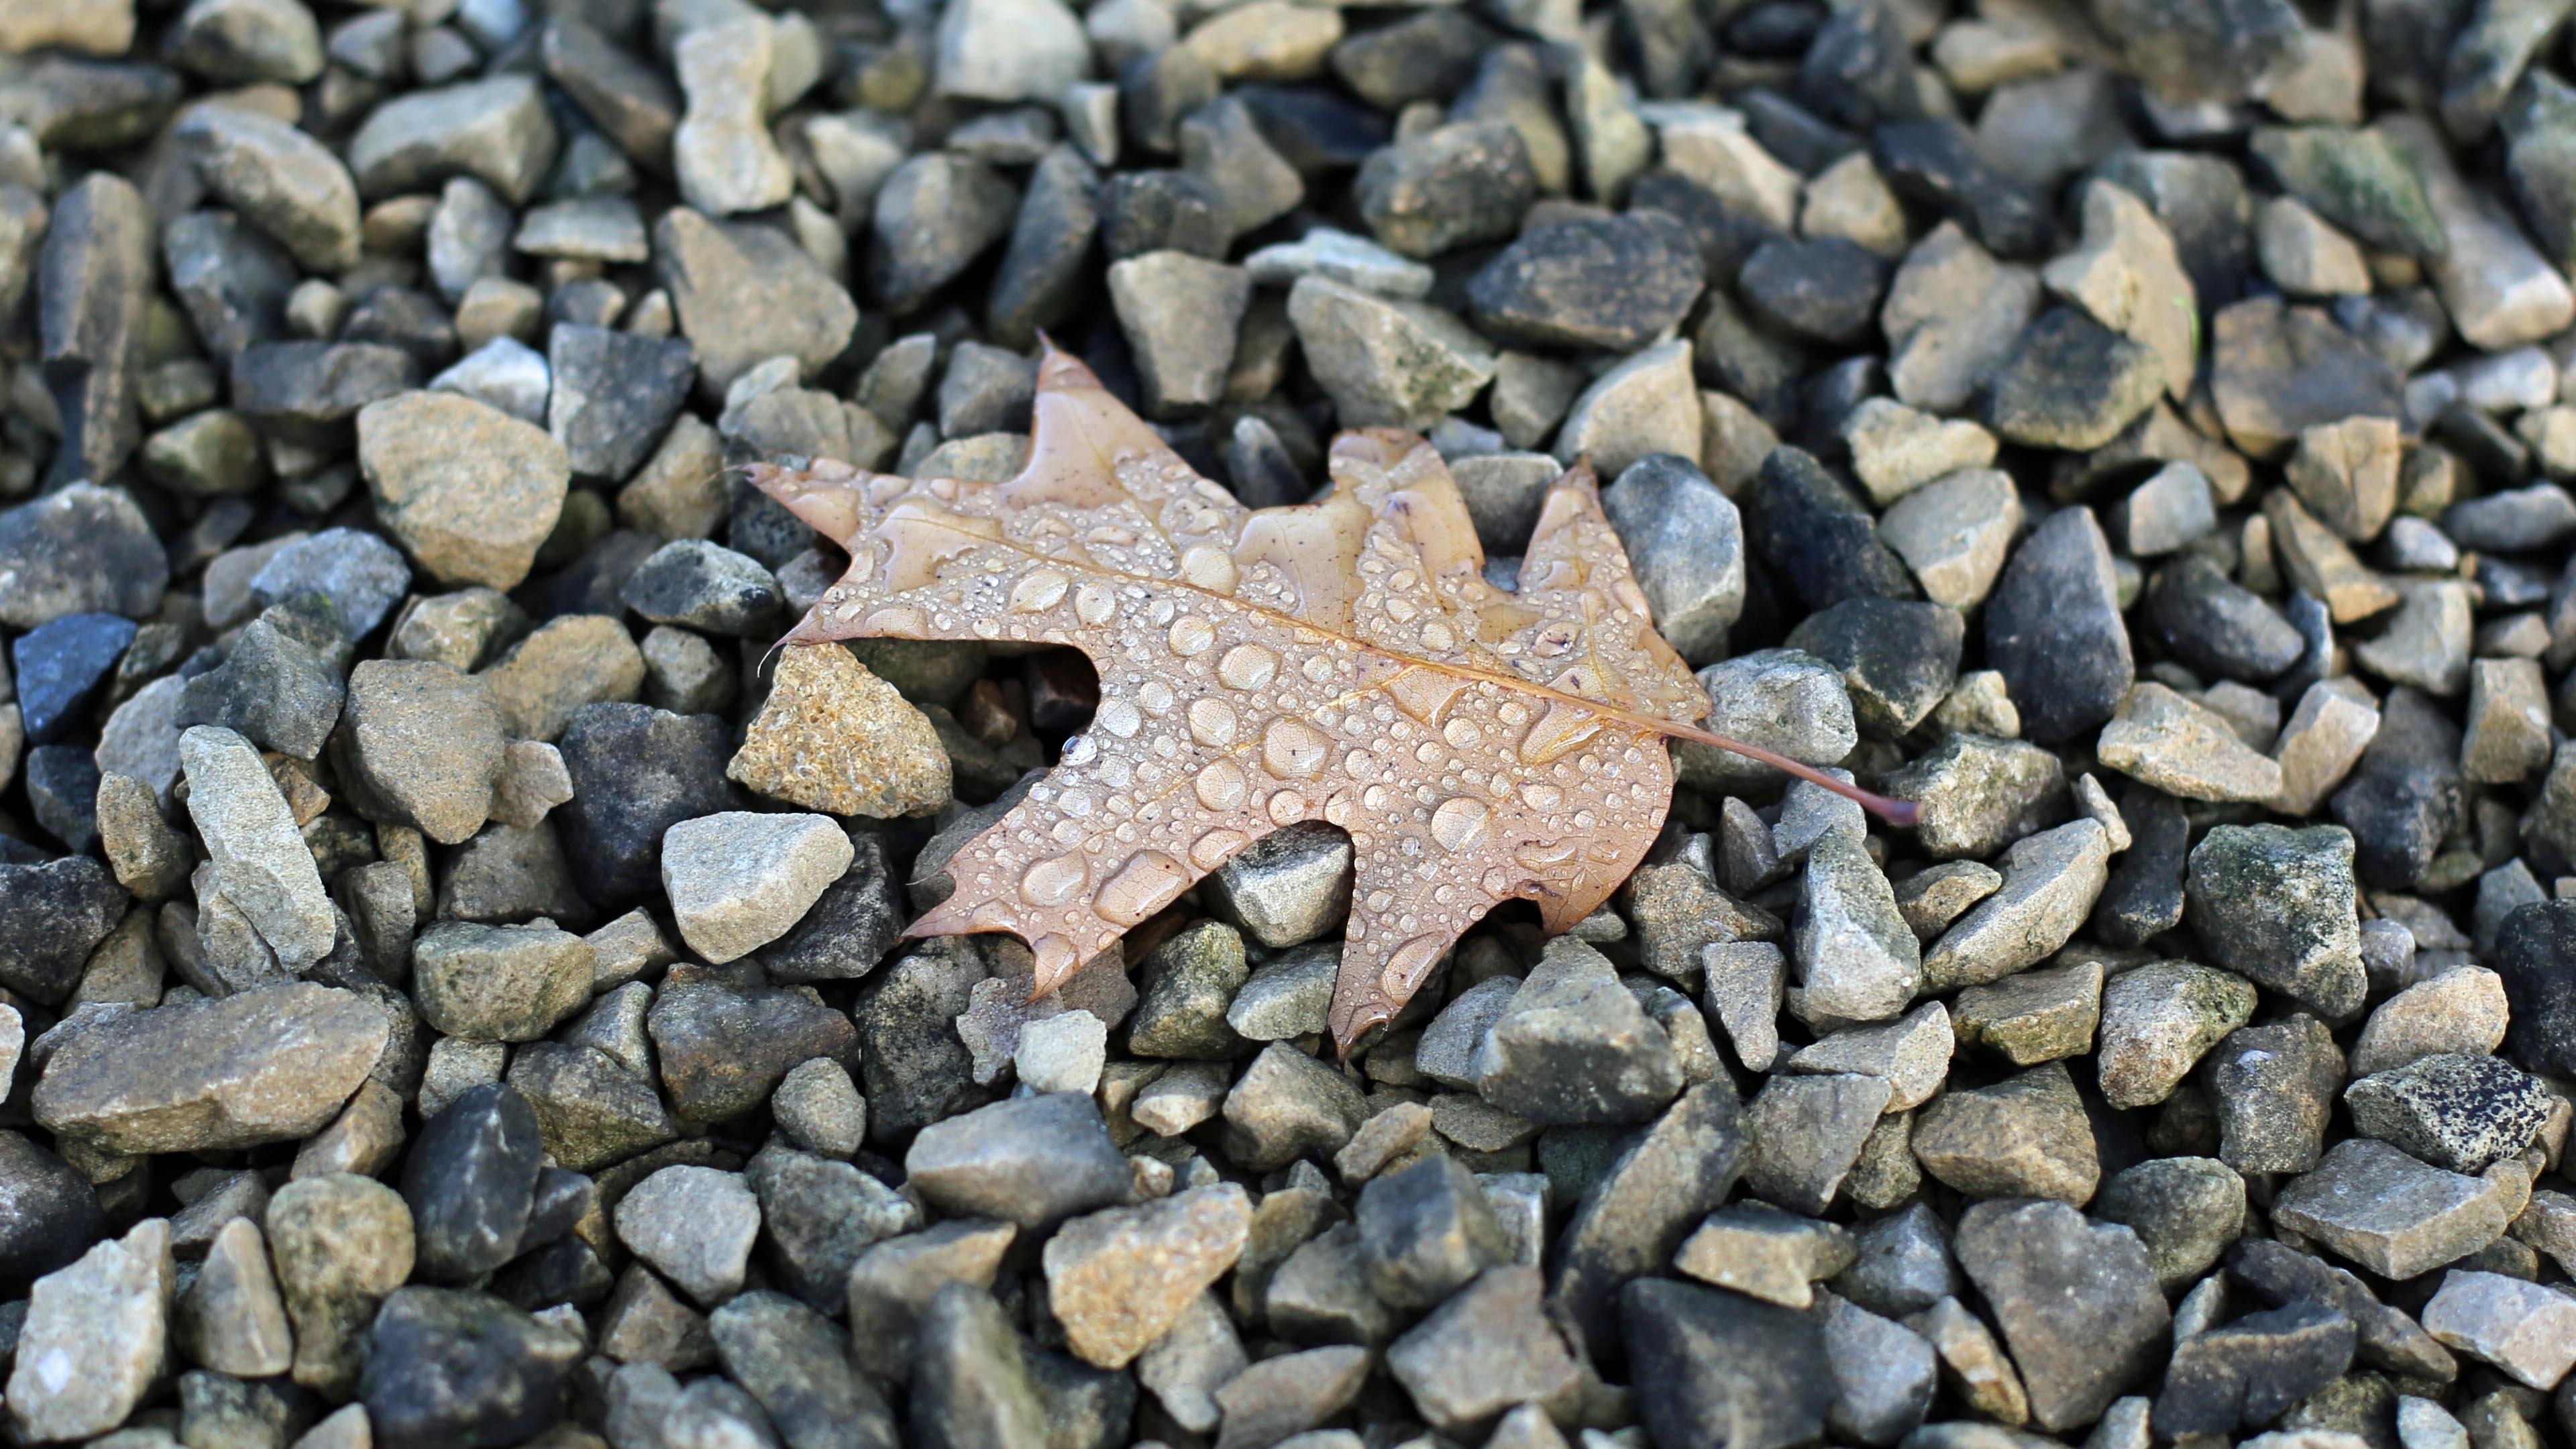 小清新,静物写真,枯叶,石子,雨水